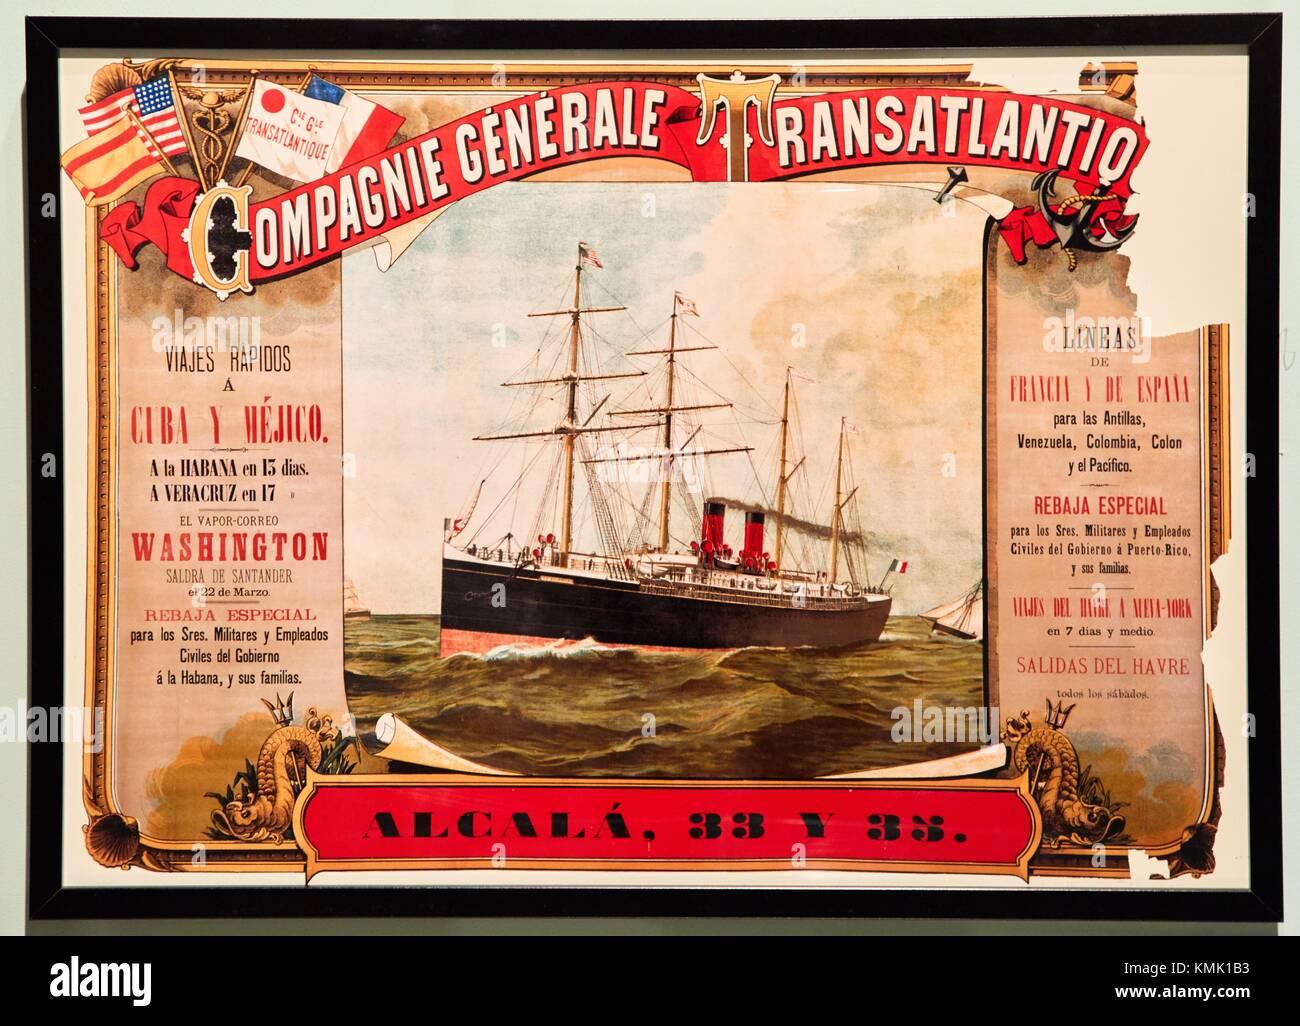 Cartello de la Compagnie Générale Transatlantique, 1891, Biblioteca Nacional de España, Exhibition Immagini Stock